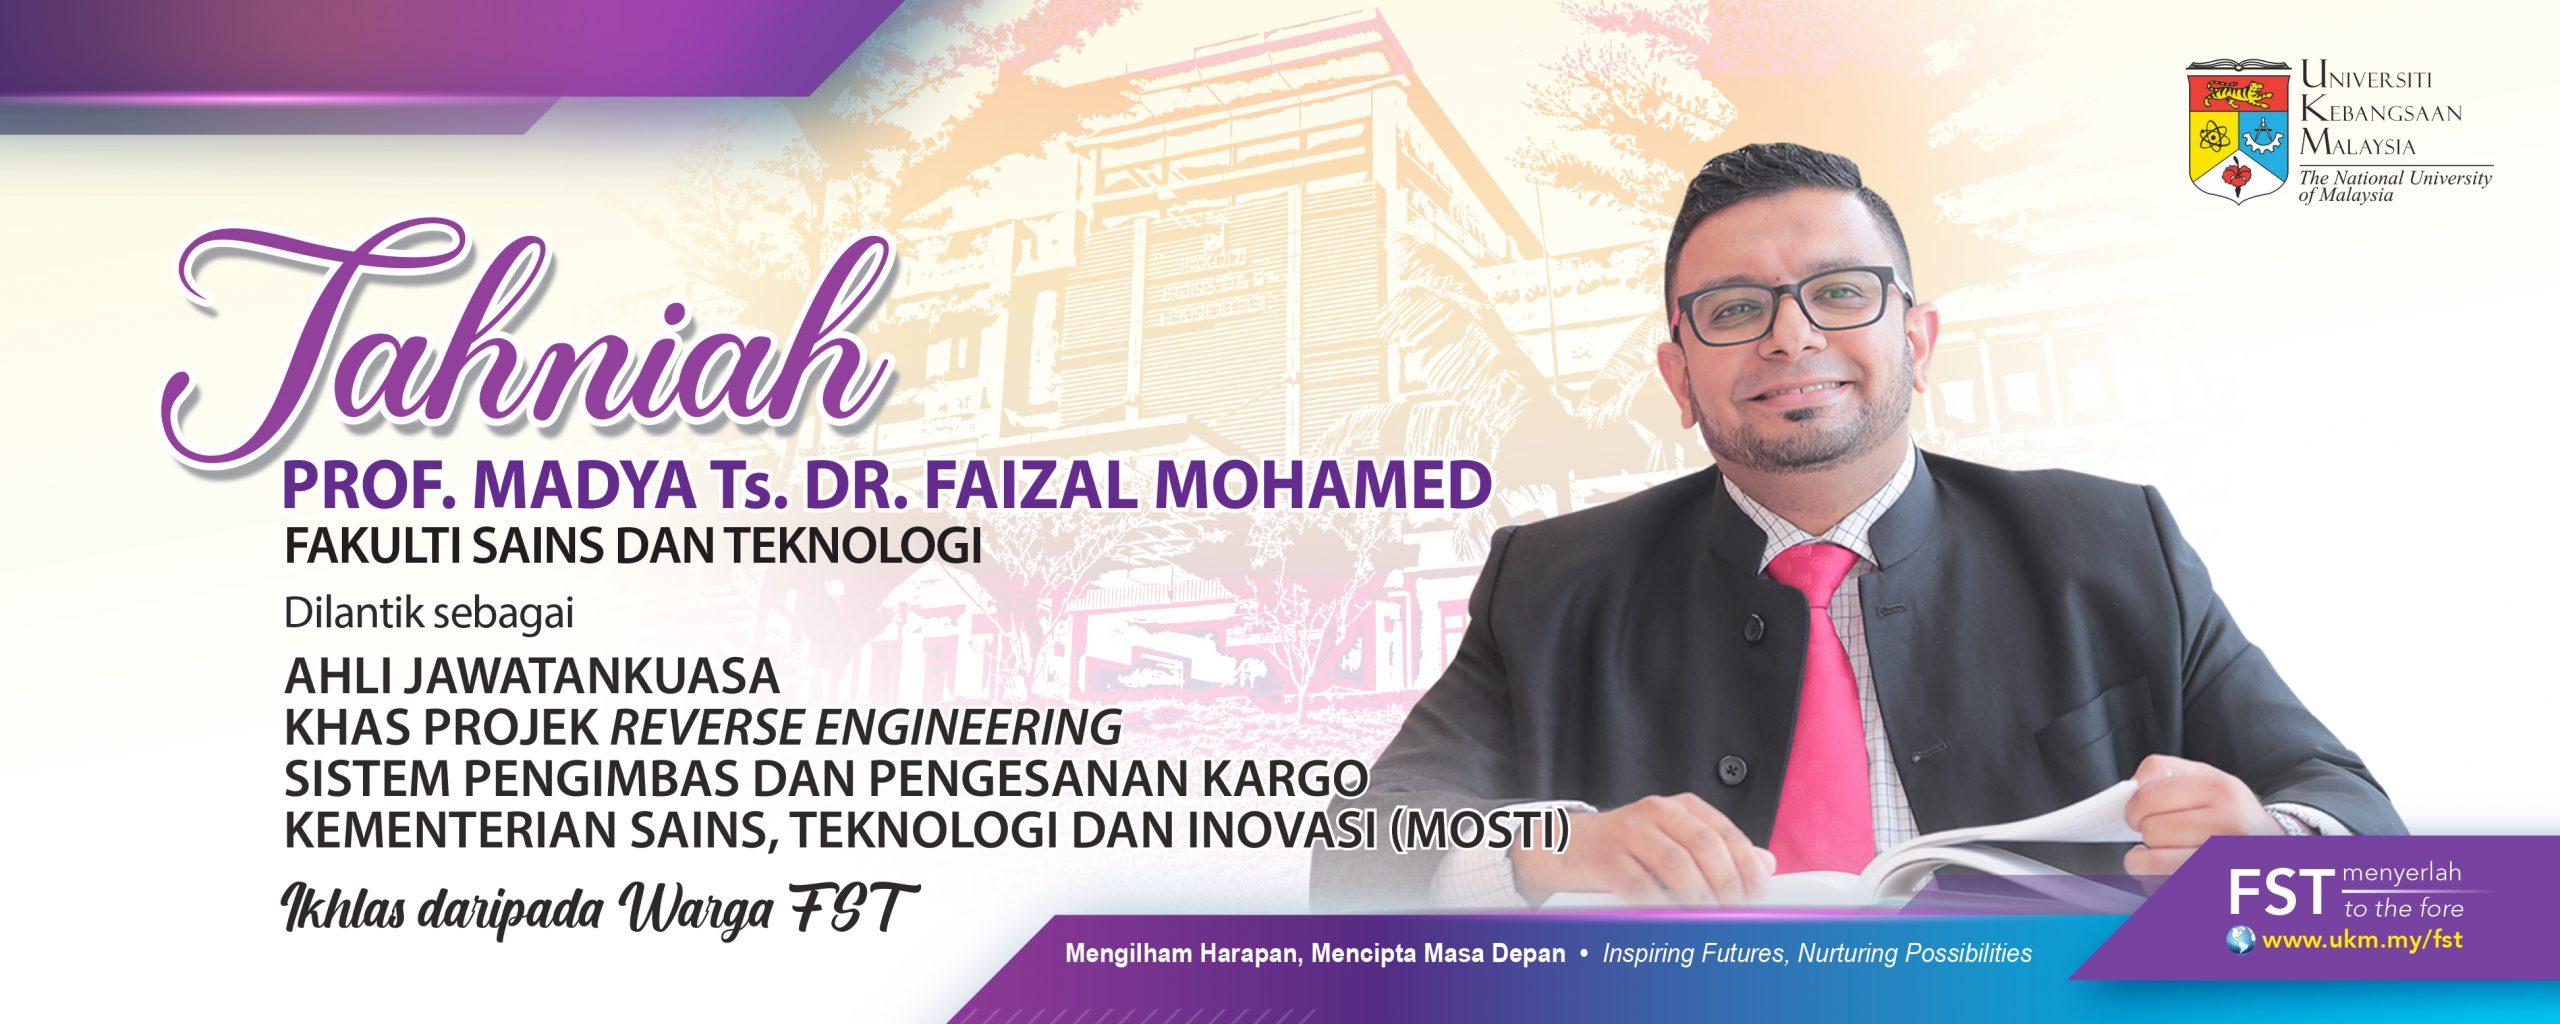 Tahniah Dr. Faizal